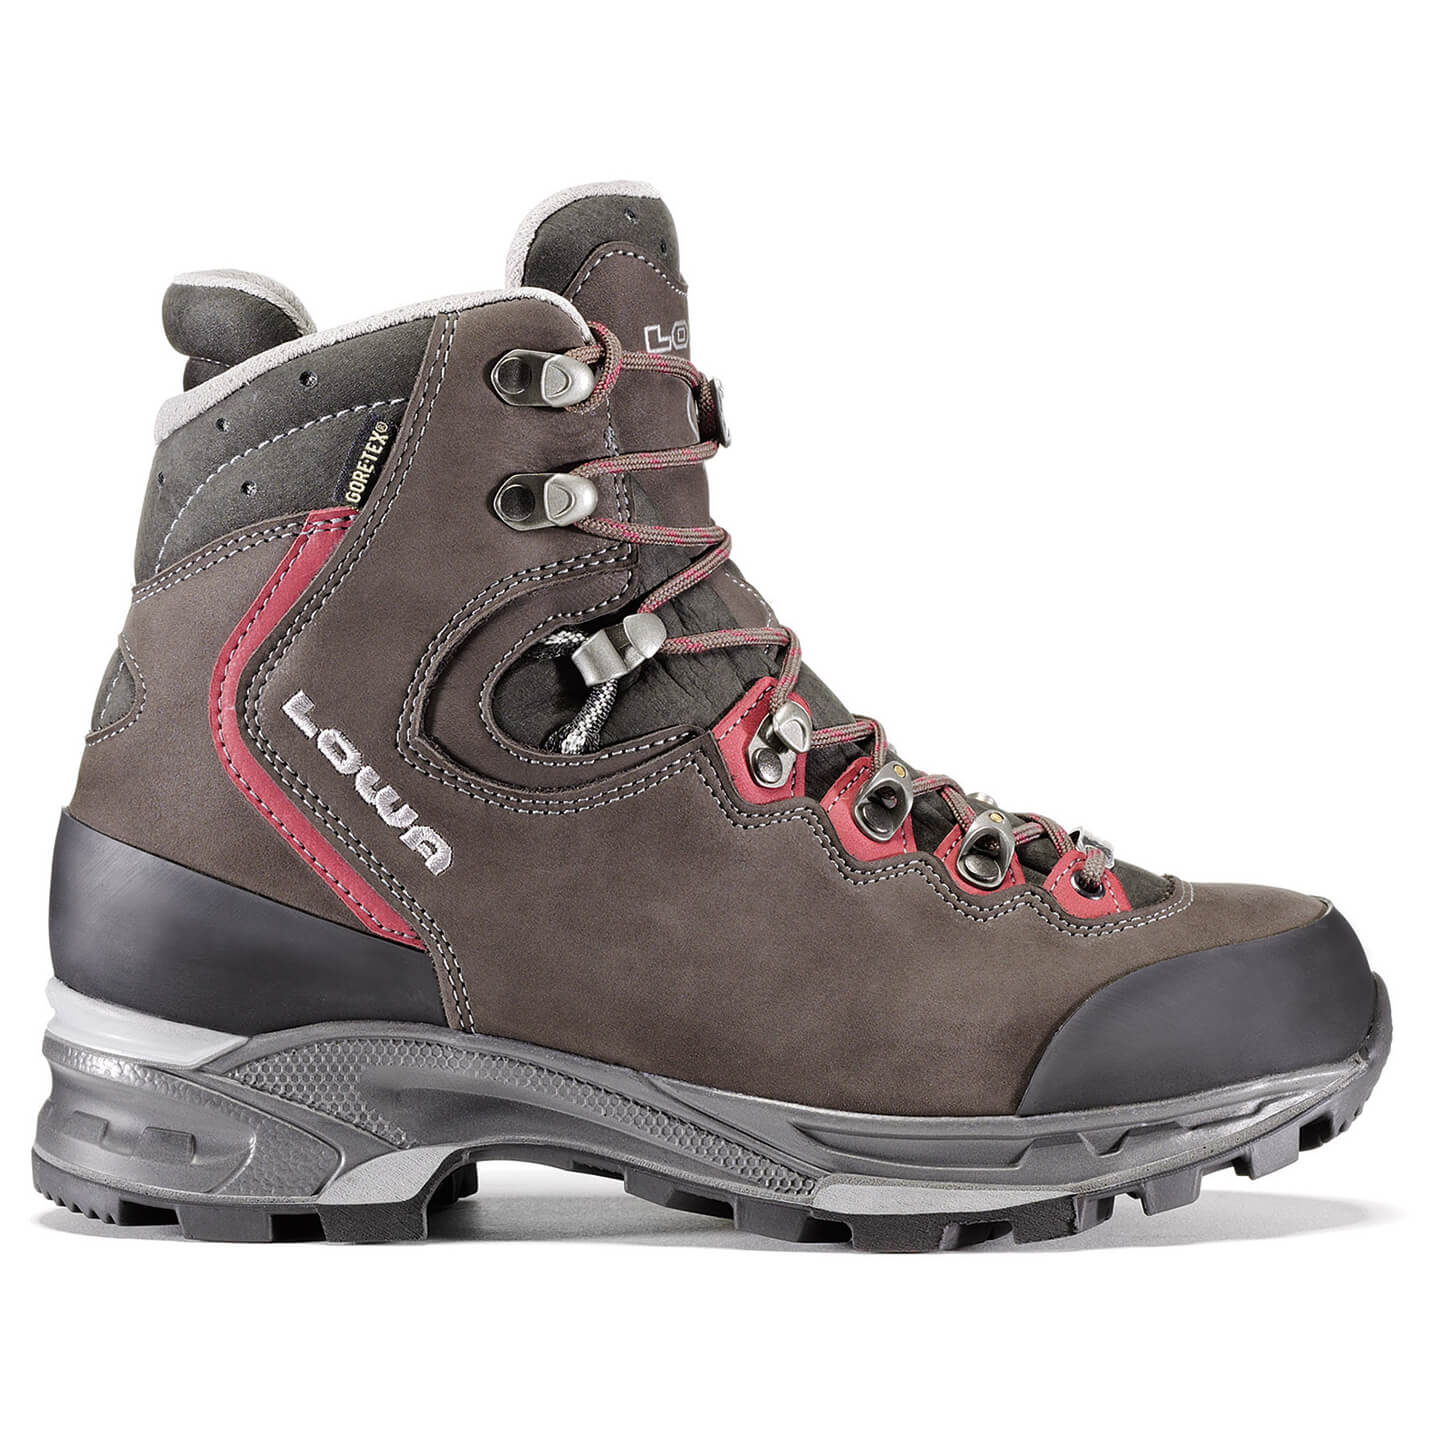 Lowa Mauria GTX - Walking boots Women's